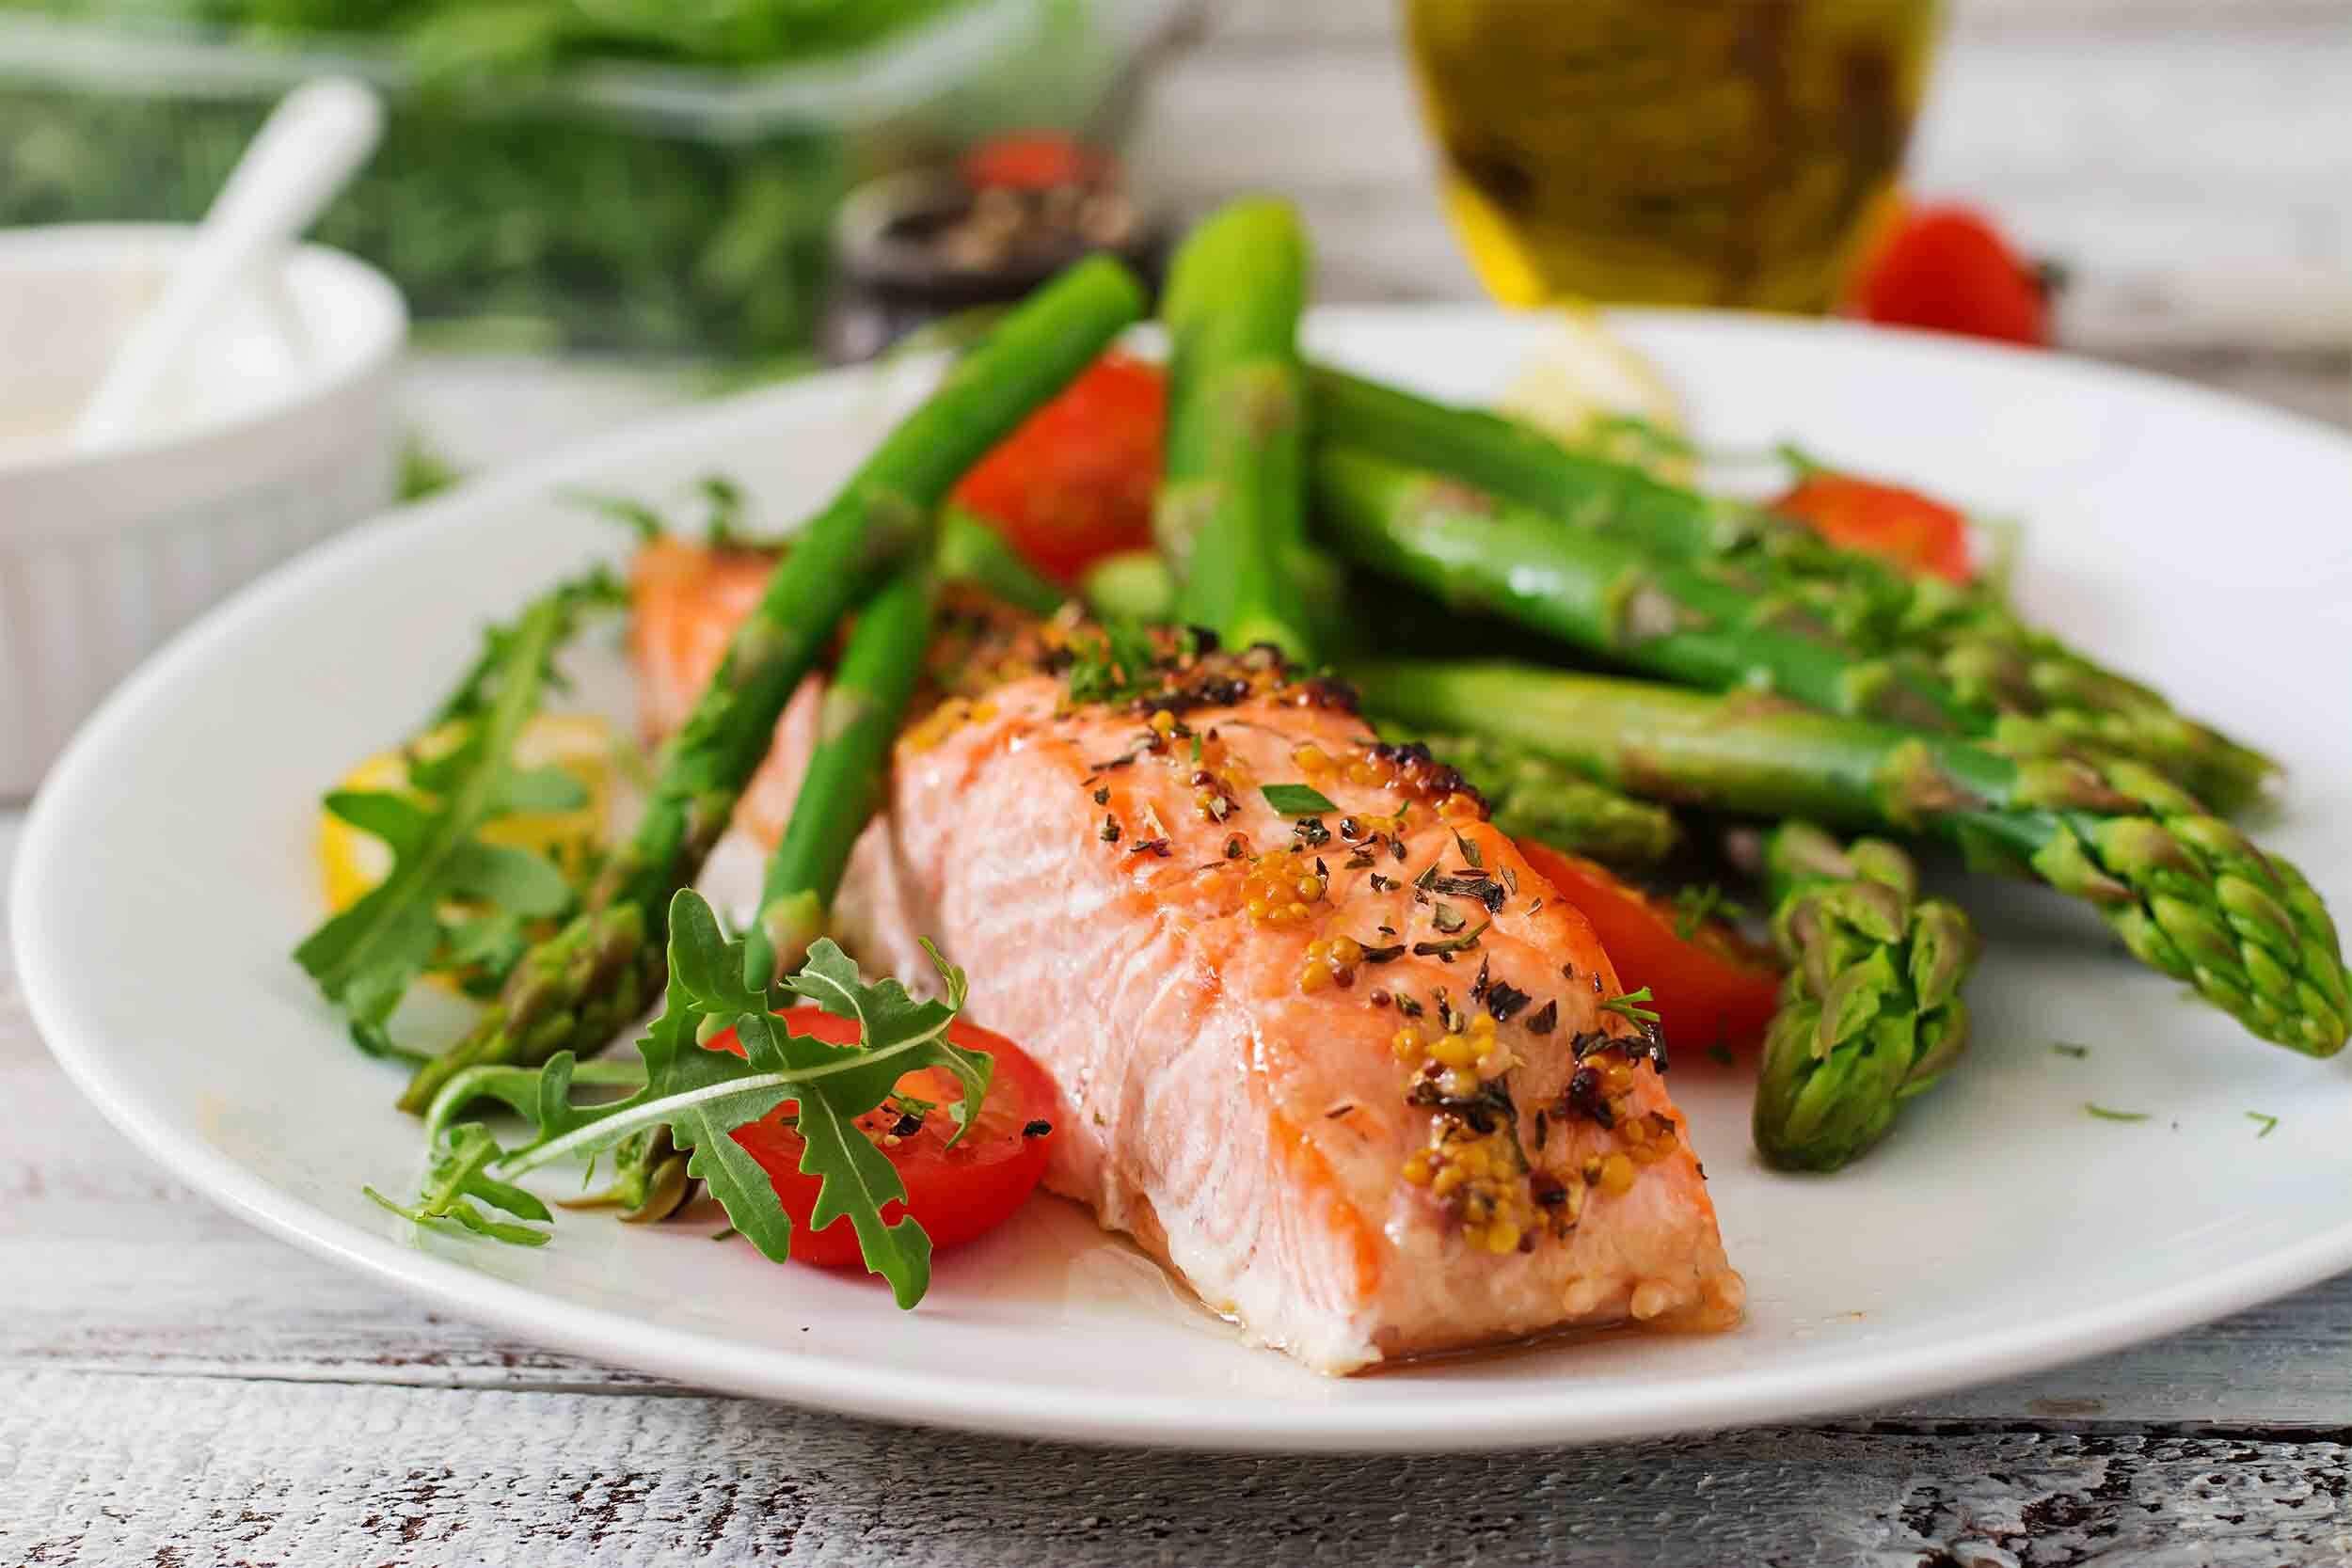 Recette pavé de saumon, asperges vertes et tomates